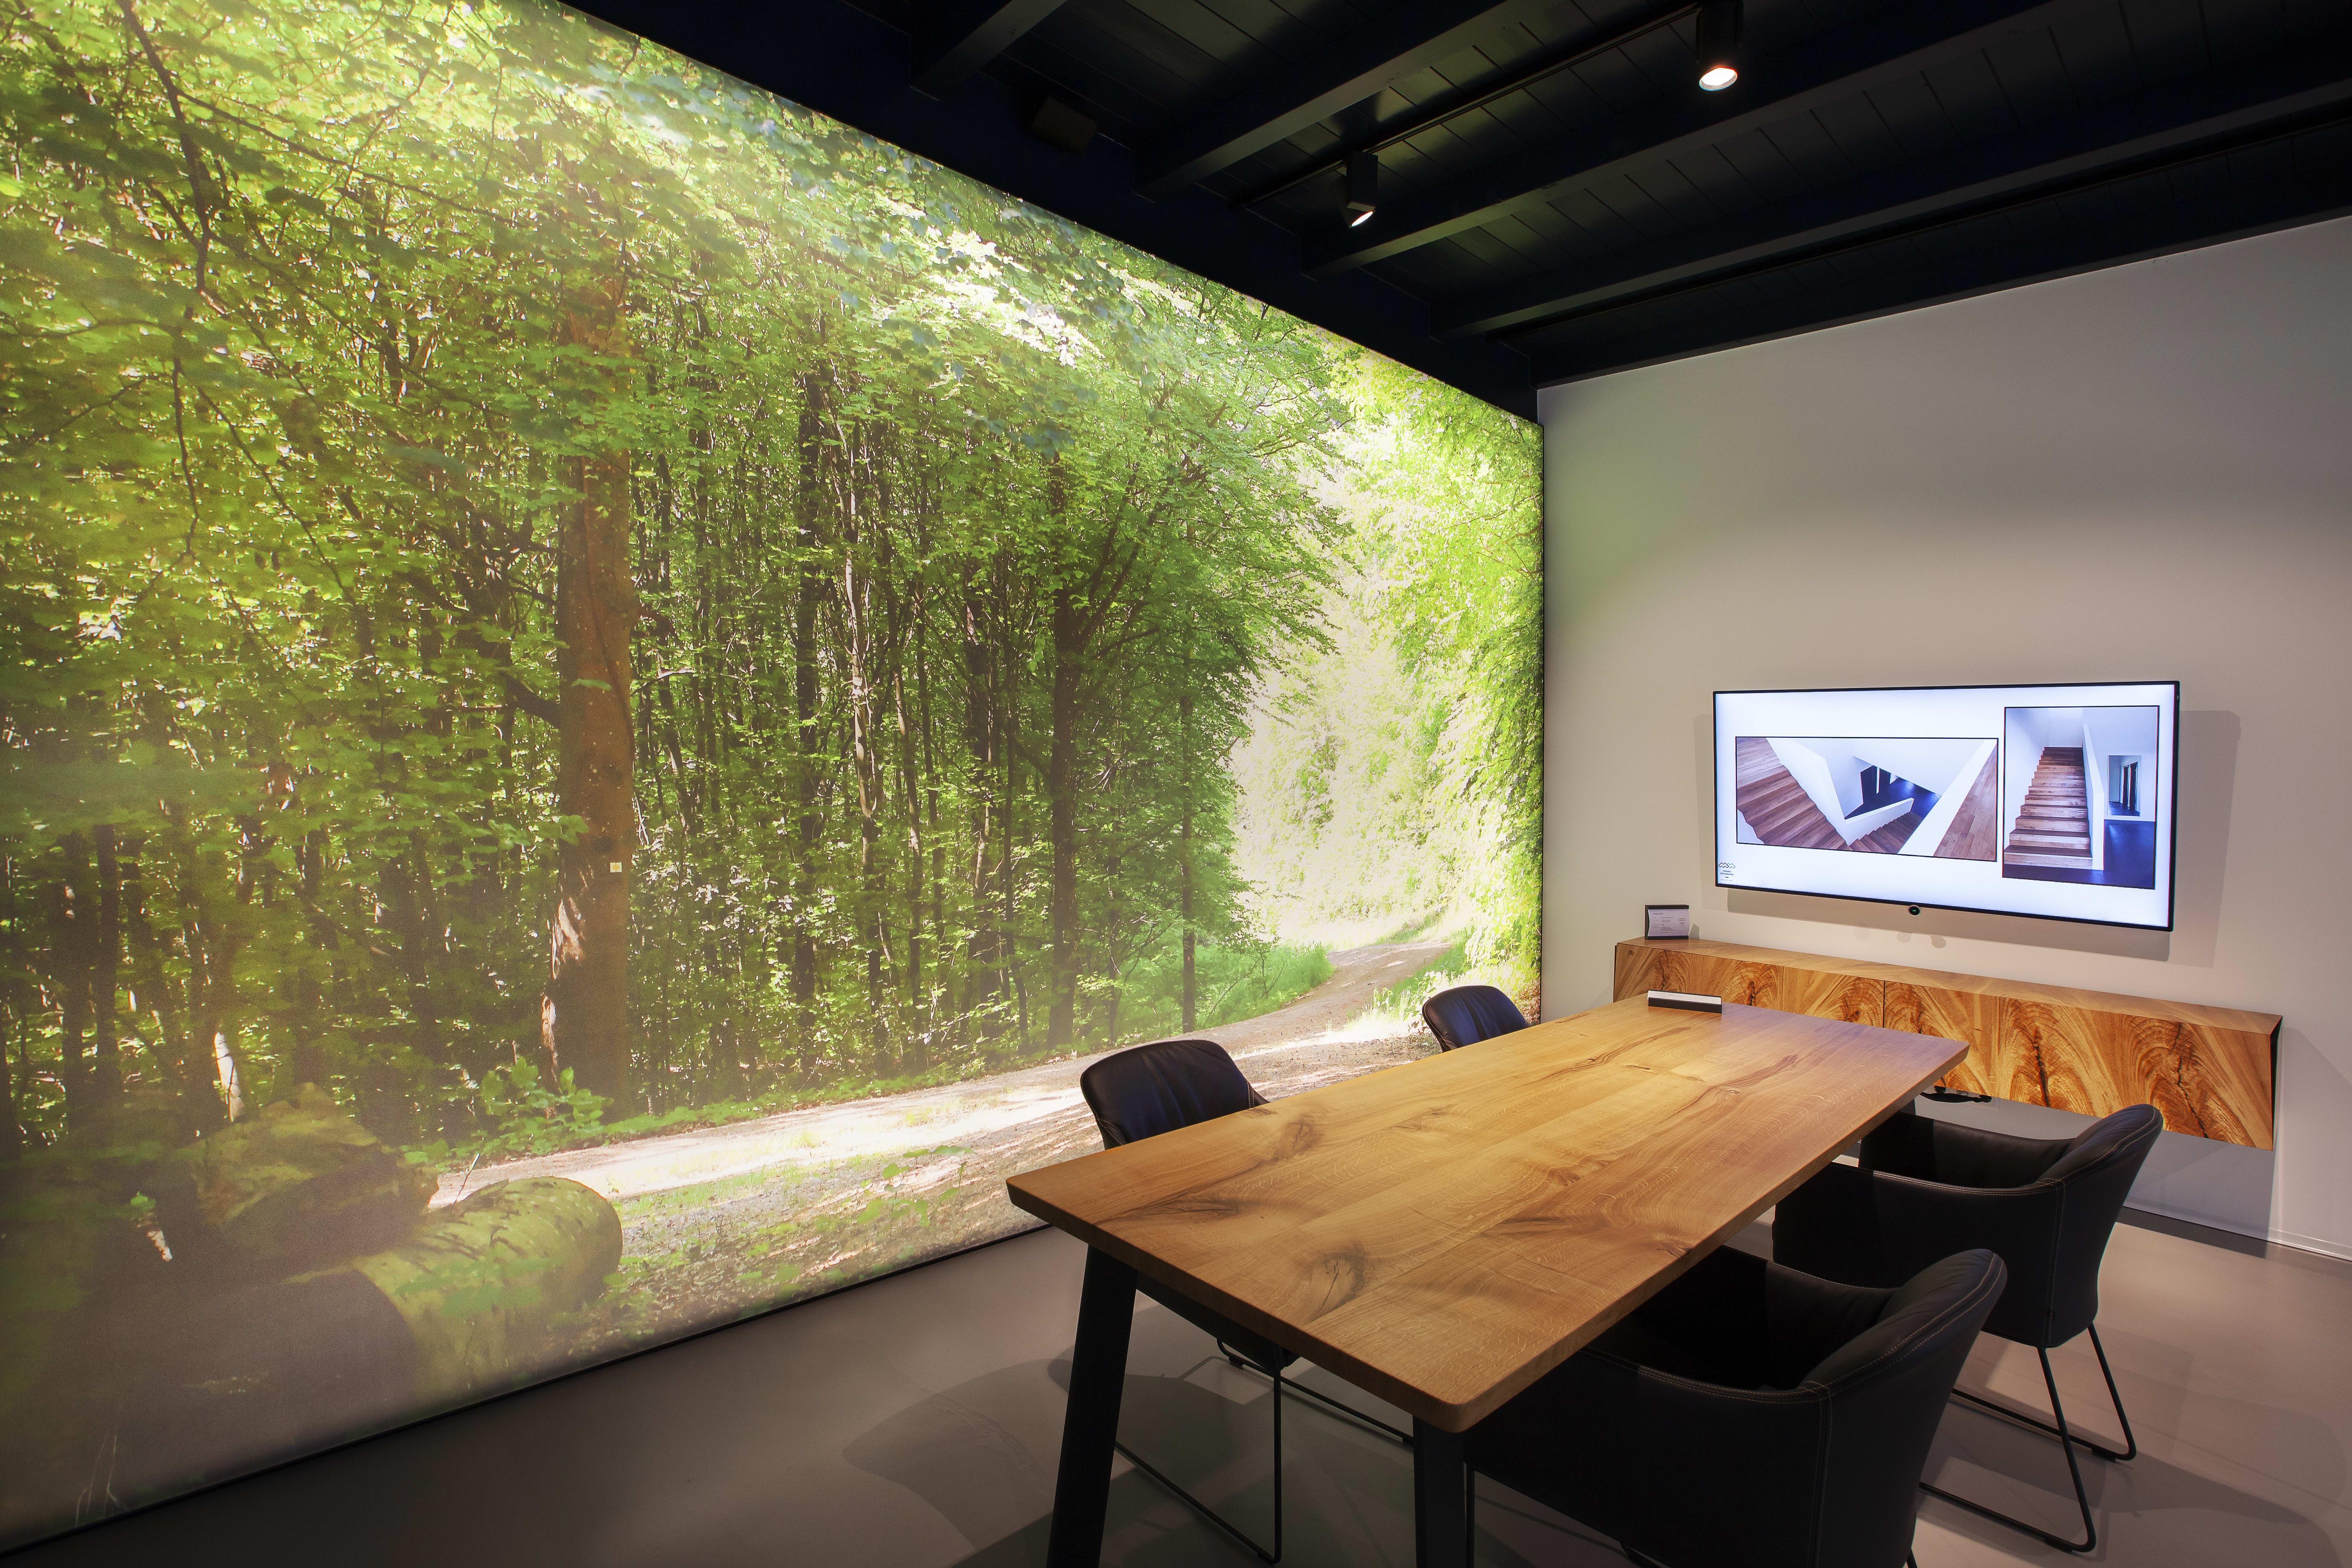 Wandbespannung mit Wald als Motiv